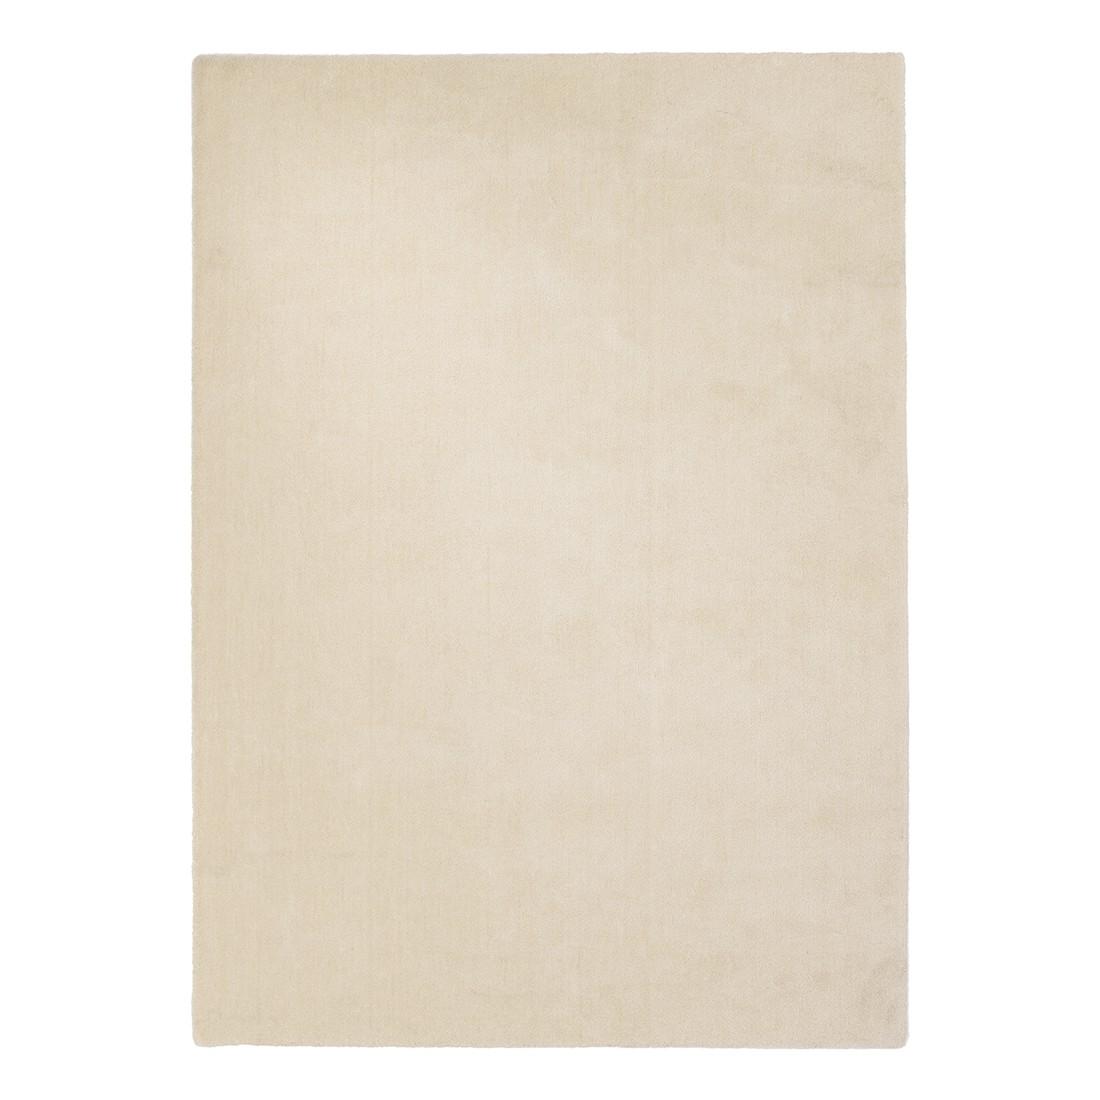 Teppich Victoria – Creme – 170 x 240 cm, Schöner Wohnen Kollektion kaufen